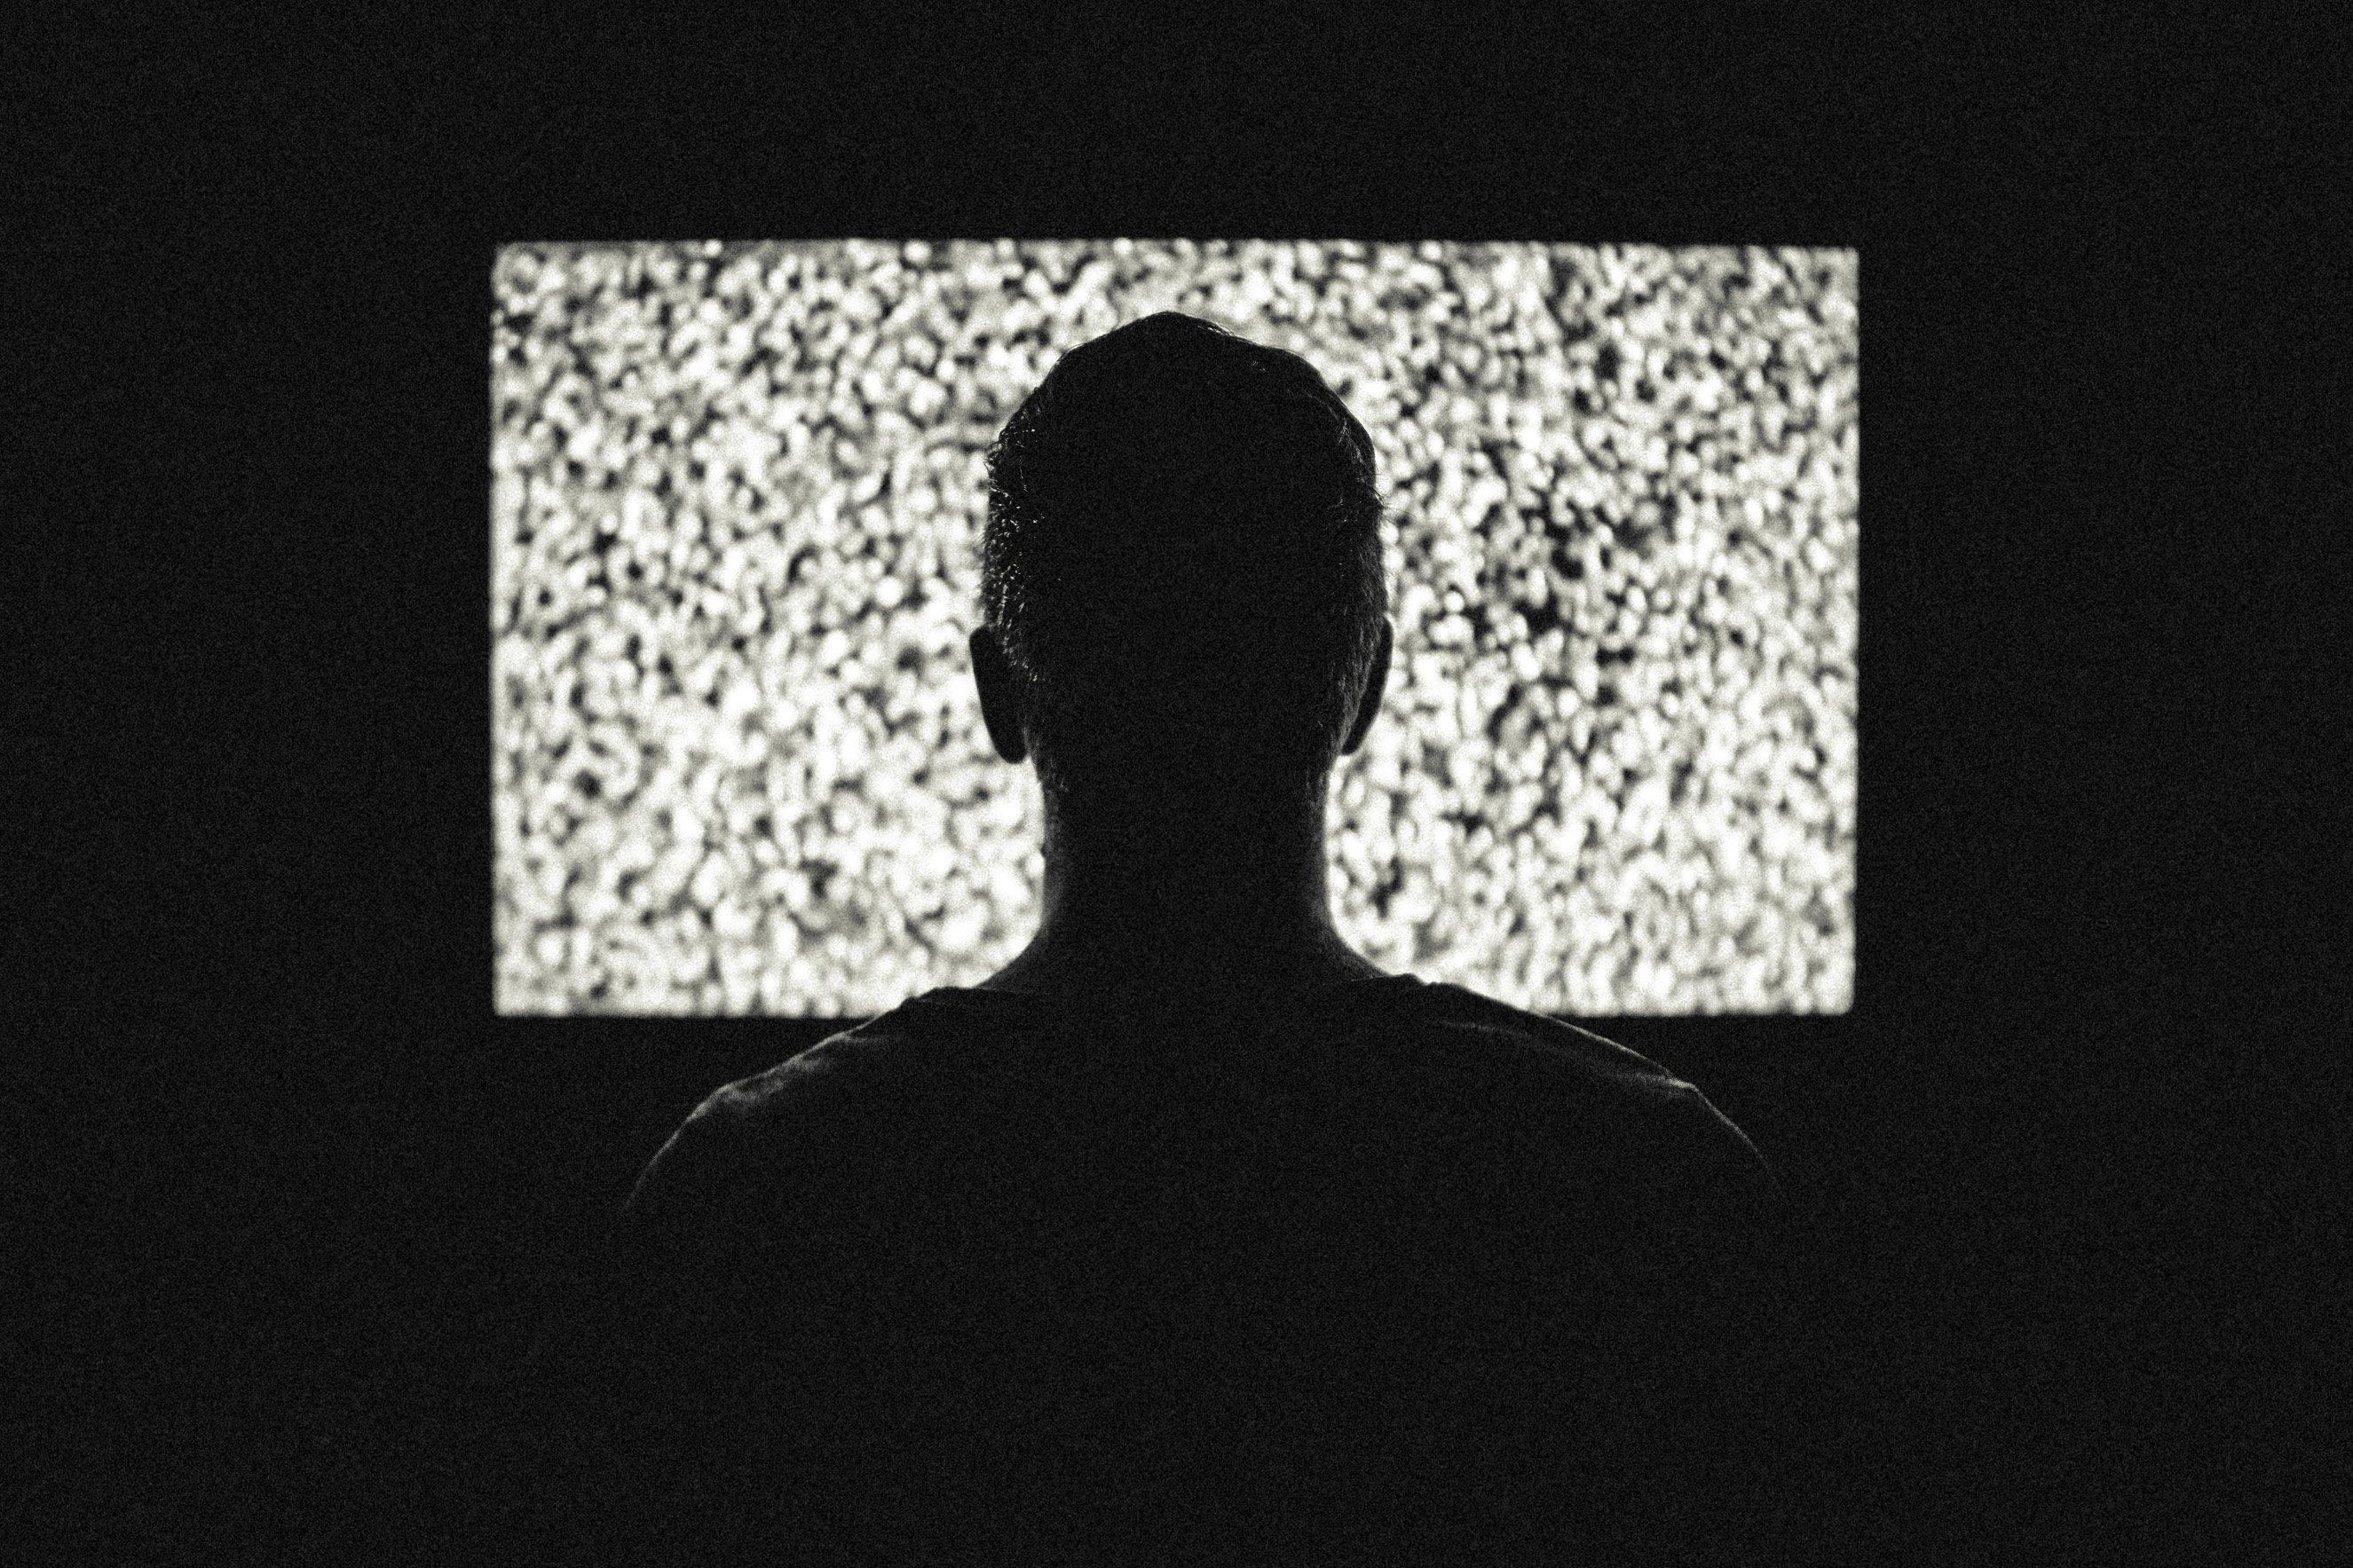 silueta de un chico viendo la televisión